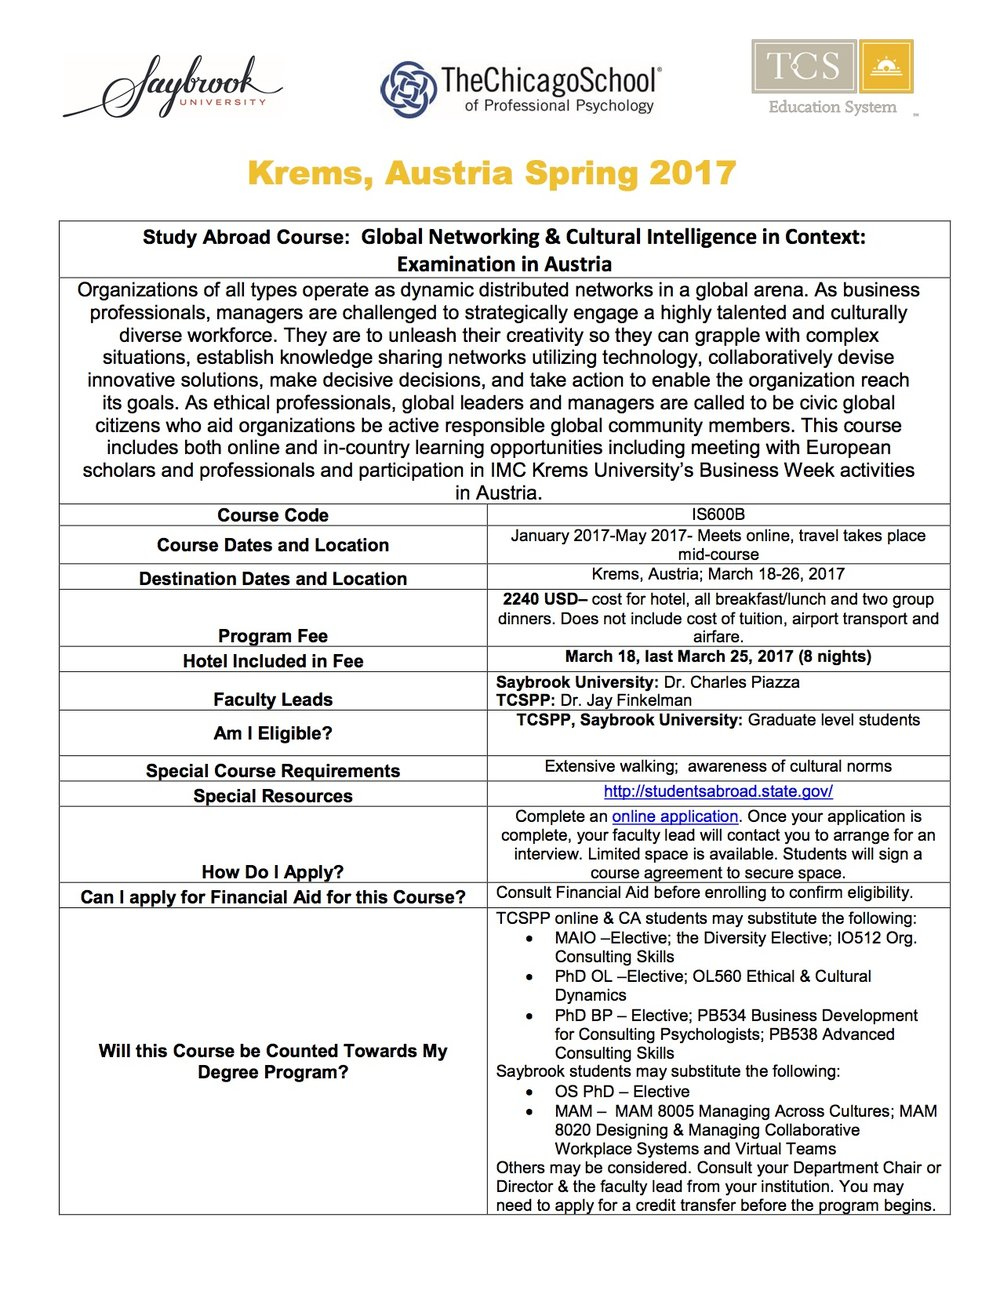 IS600B-Austria FAQ Quick Sheet.jpg